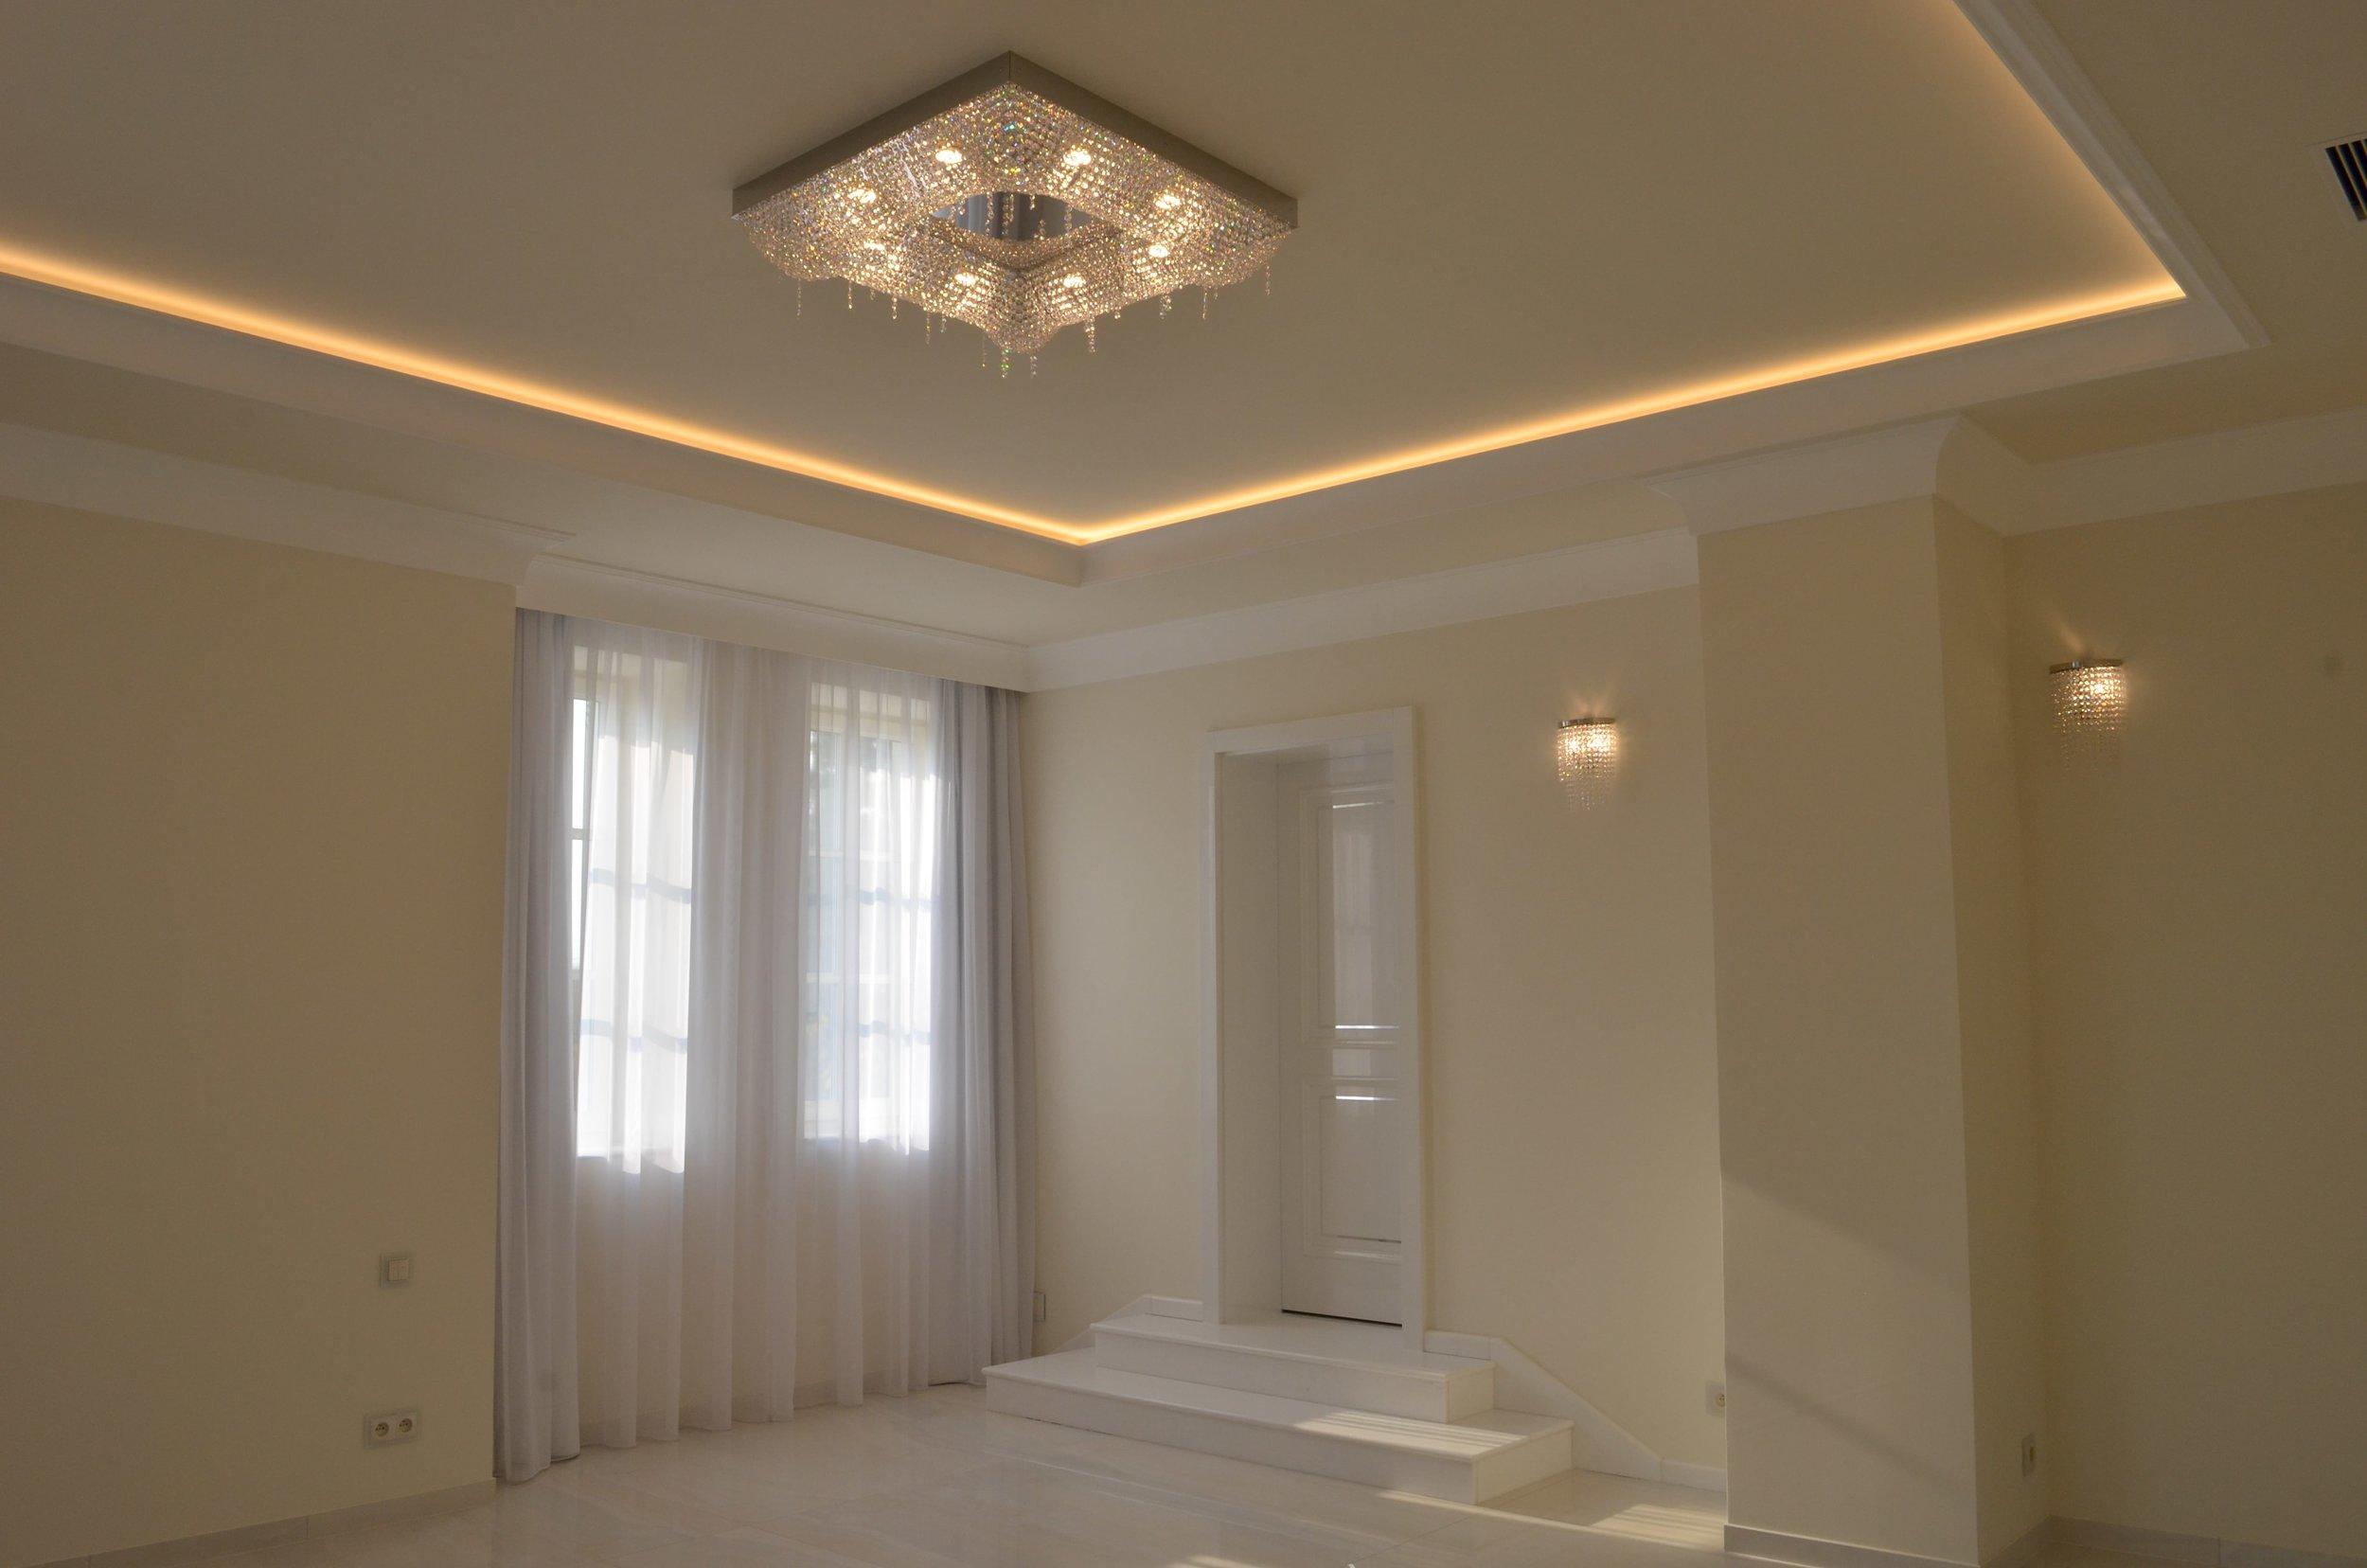 private-villa-prague-wranovsky-crystal-chandeliers-1-min.JPG